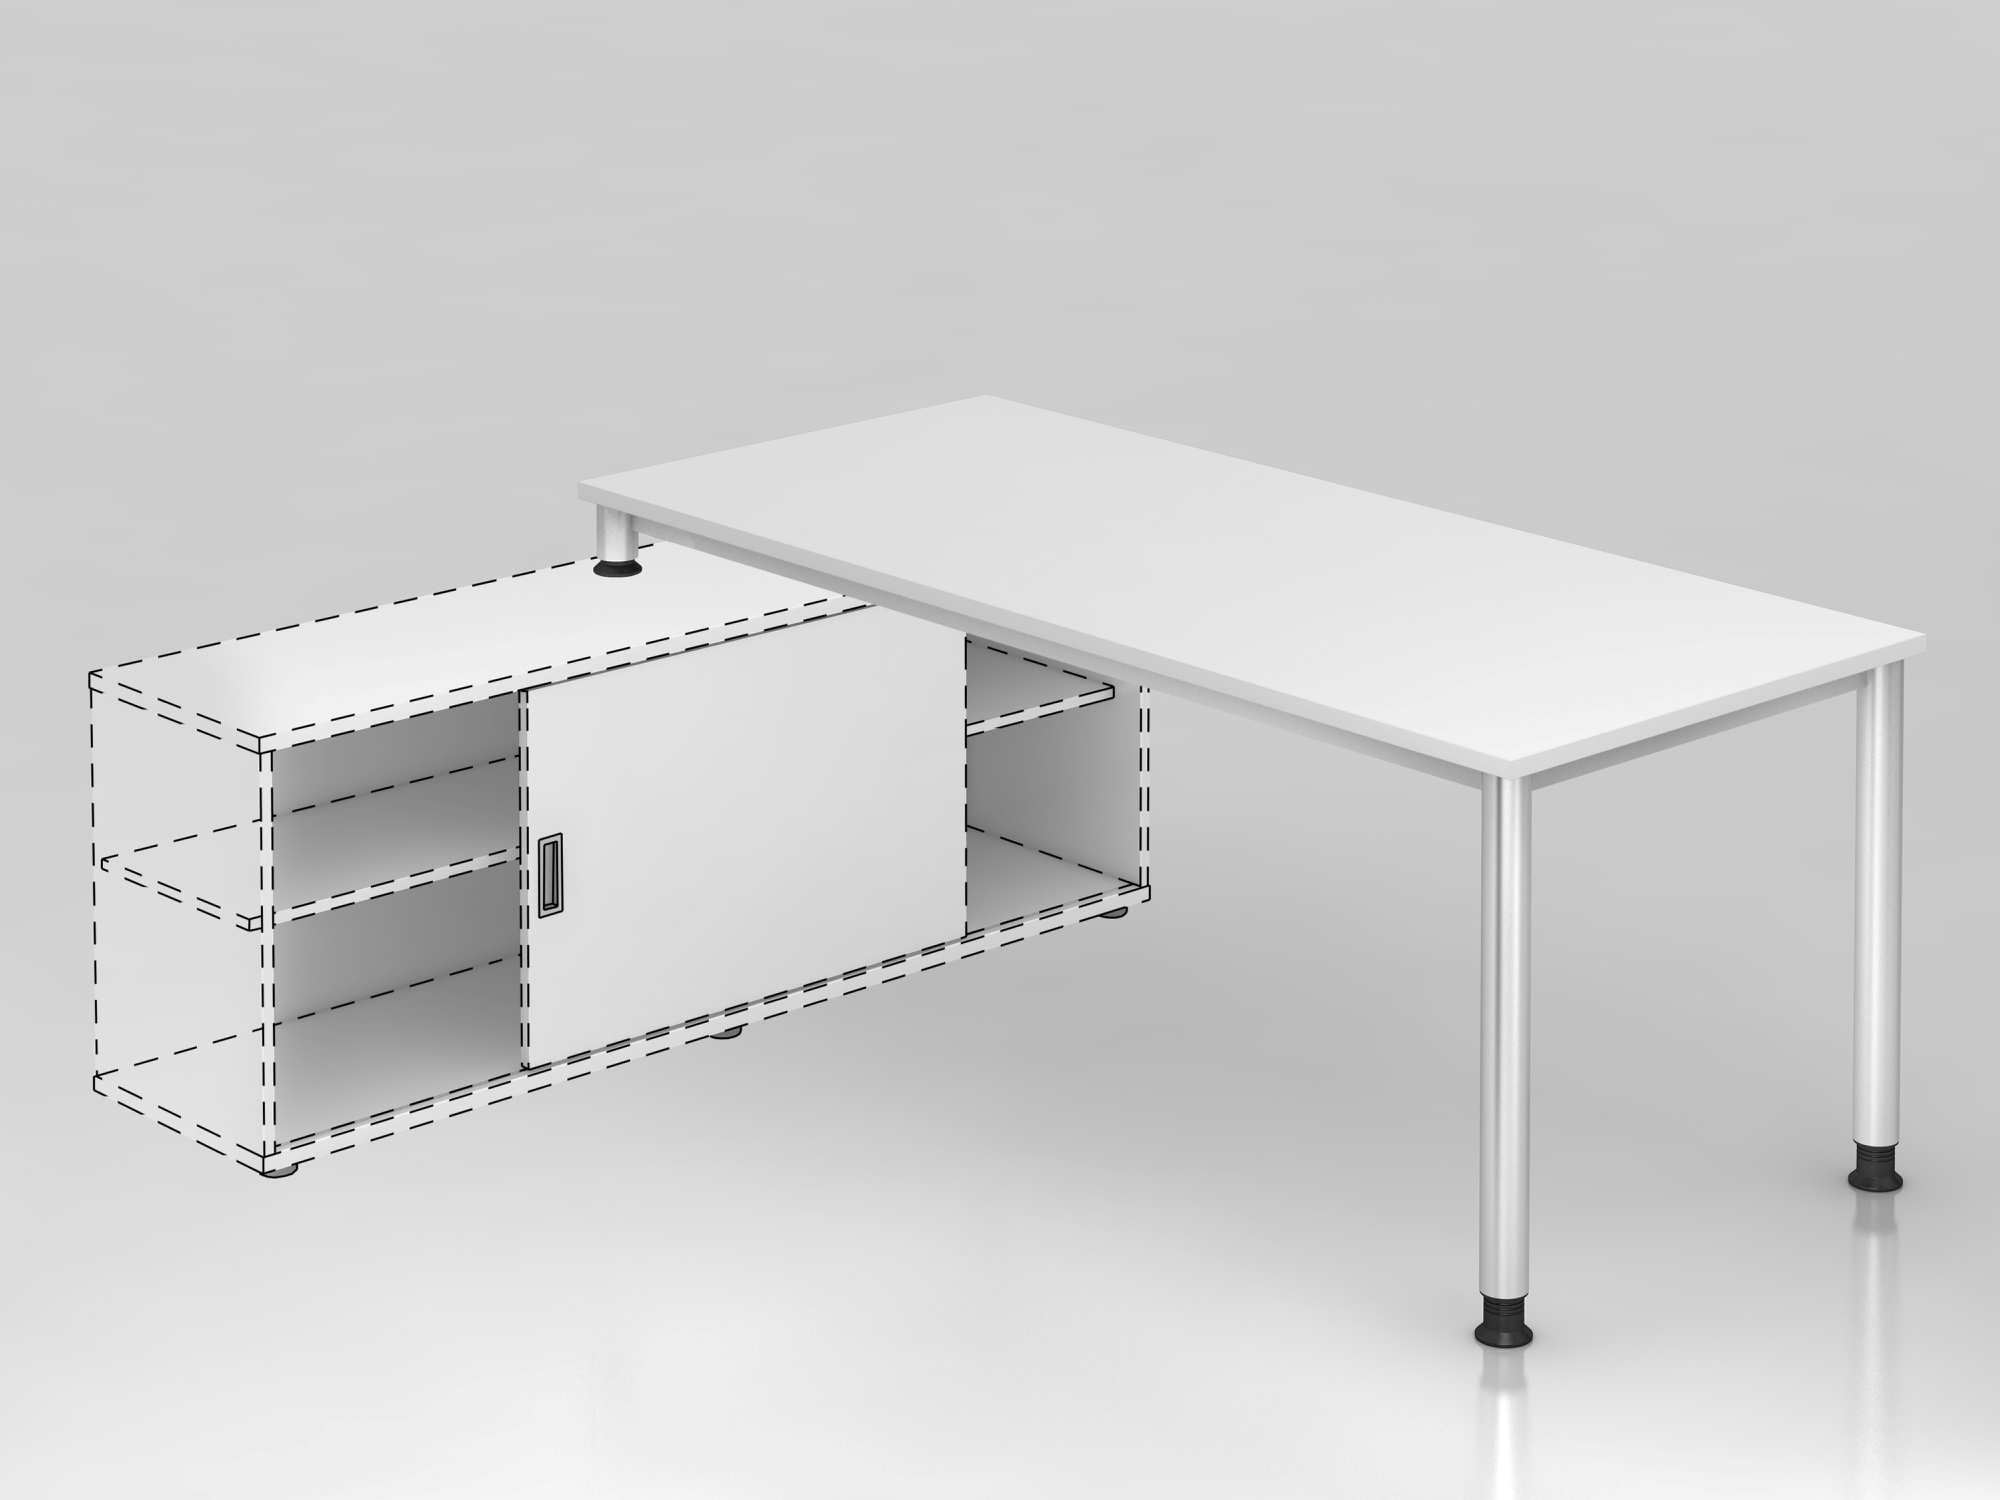 Anbauschreibtisch 4Fuß-rd.180x80cm Weiß/S